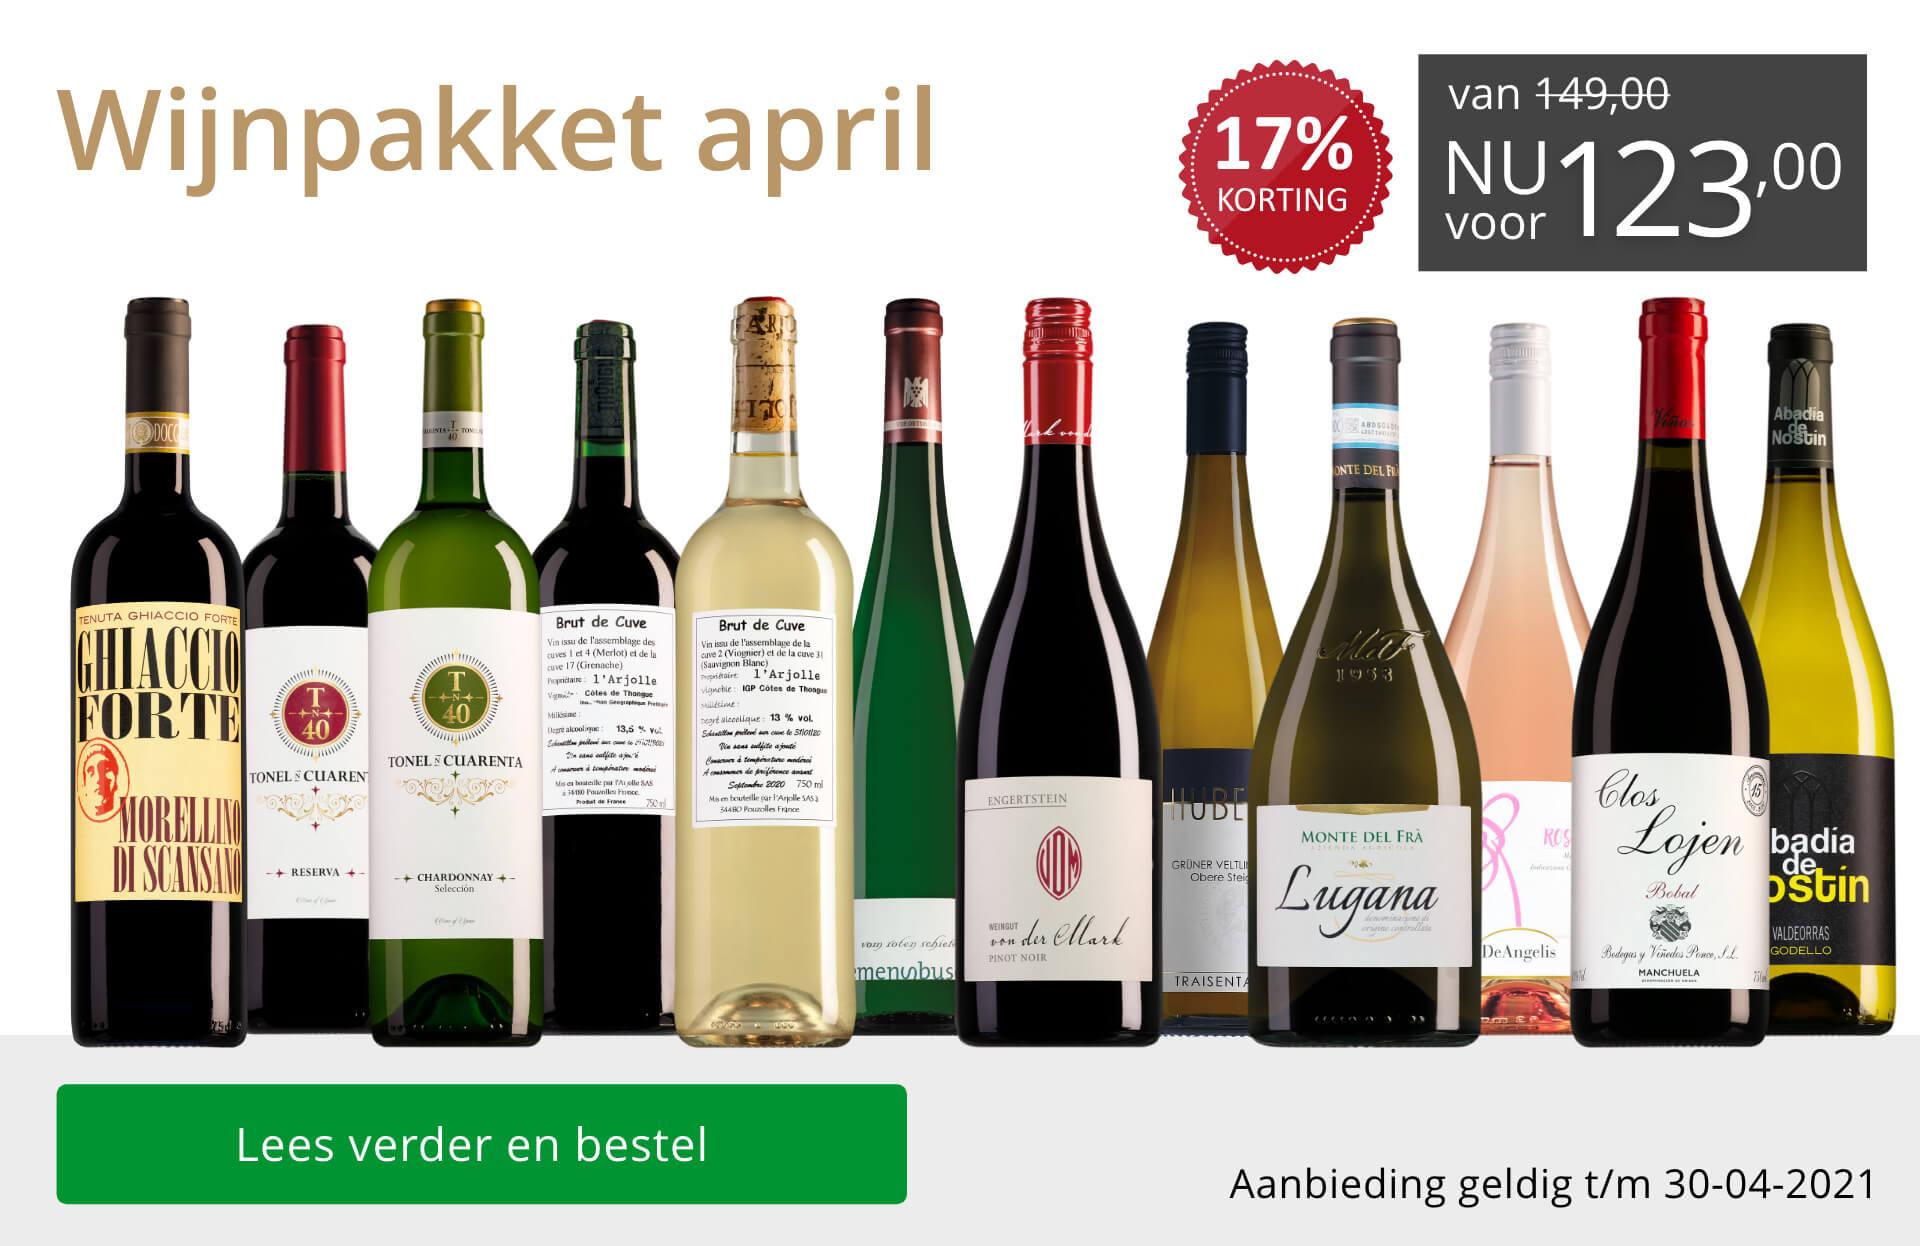 Wijnpakket wijnbericht april 2021 (123,00) - grijs/goud